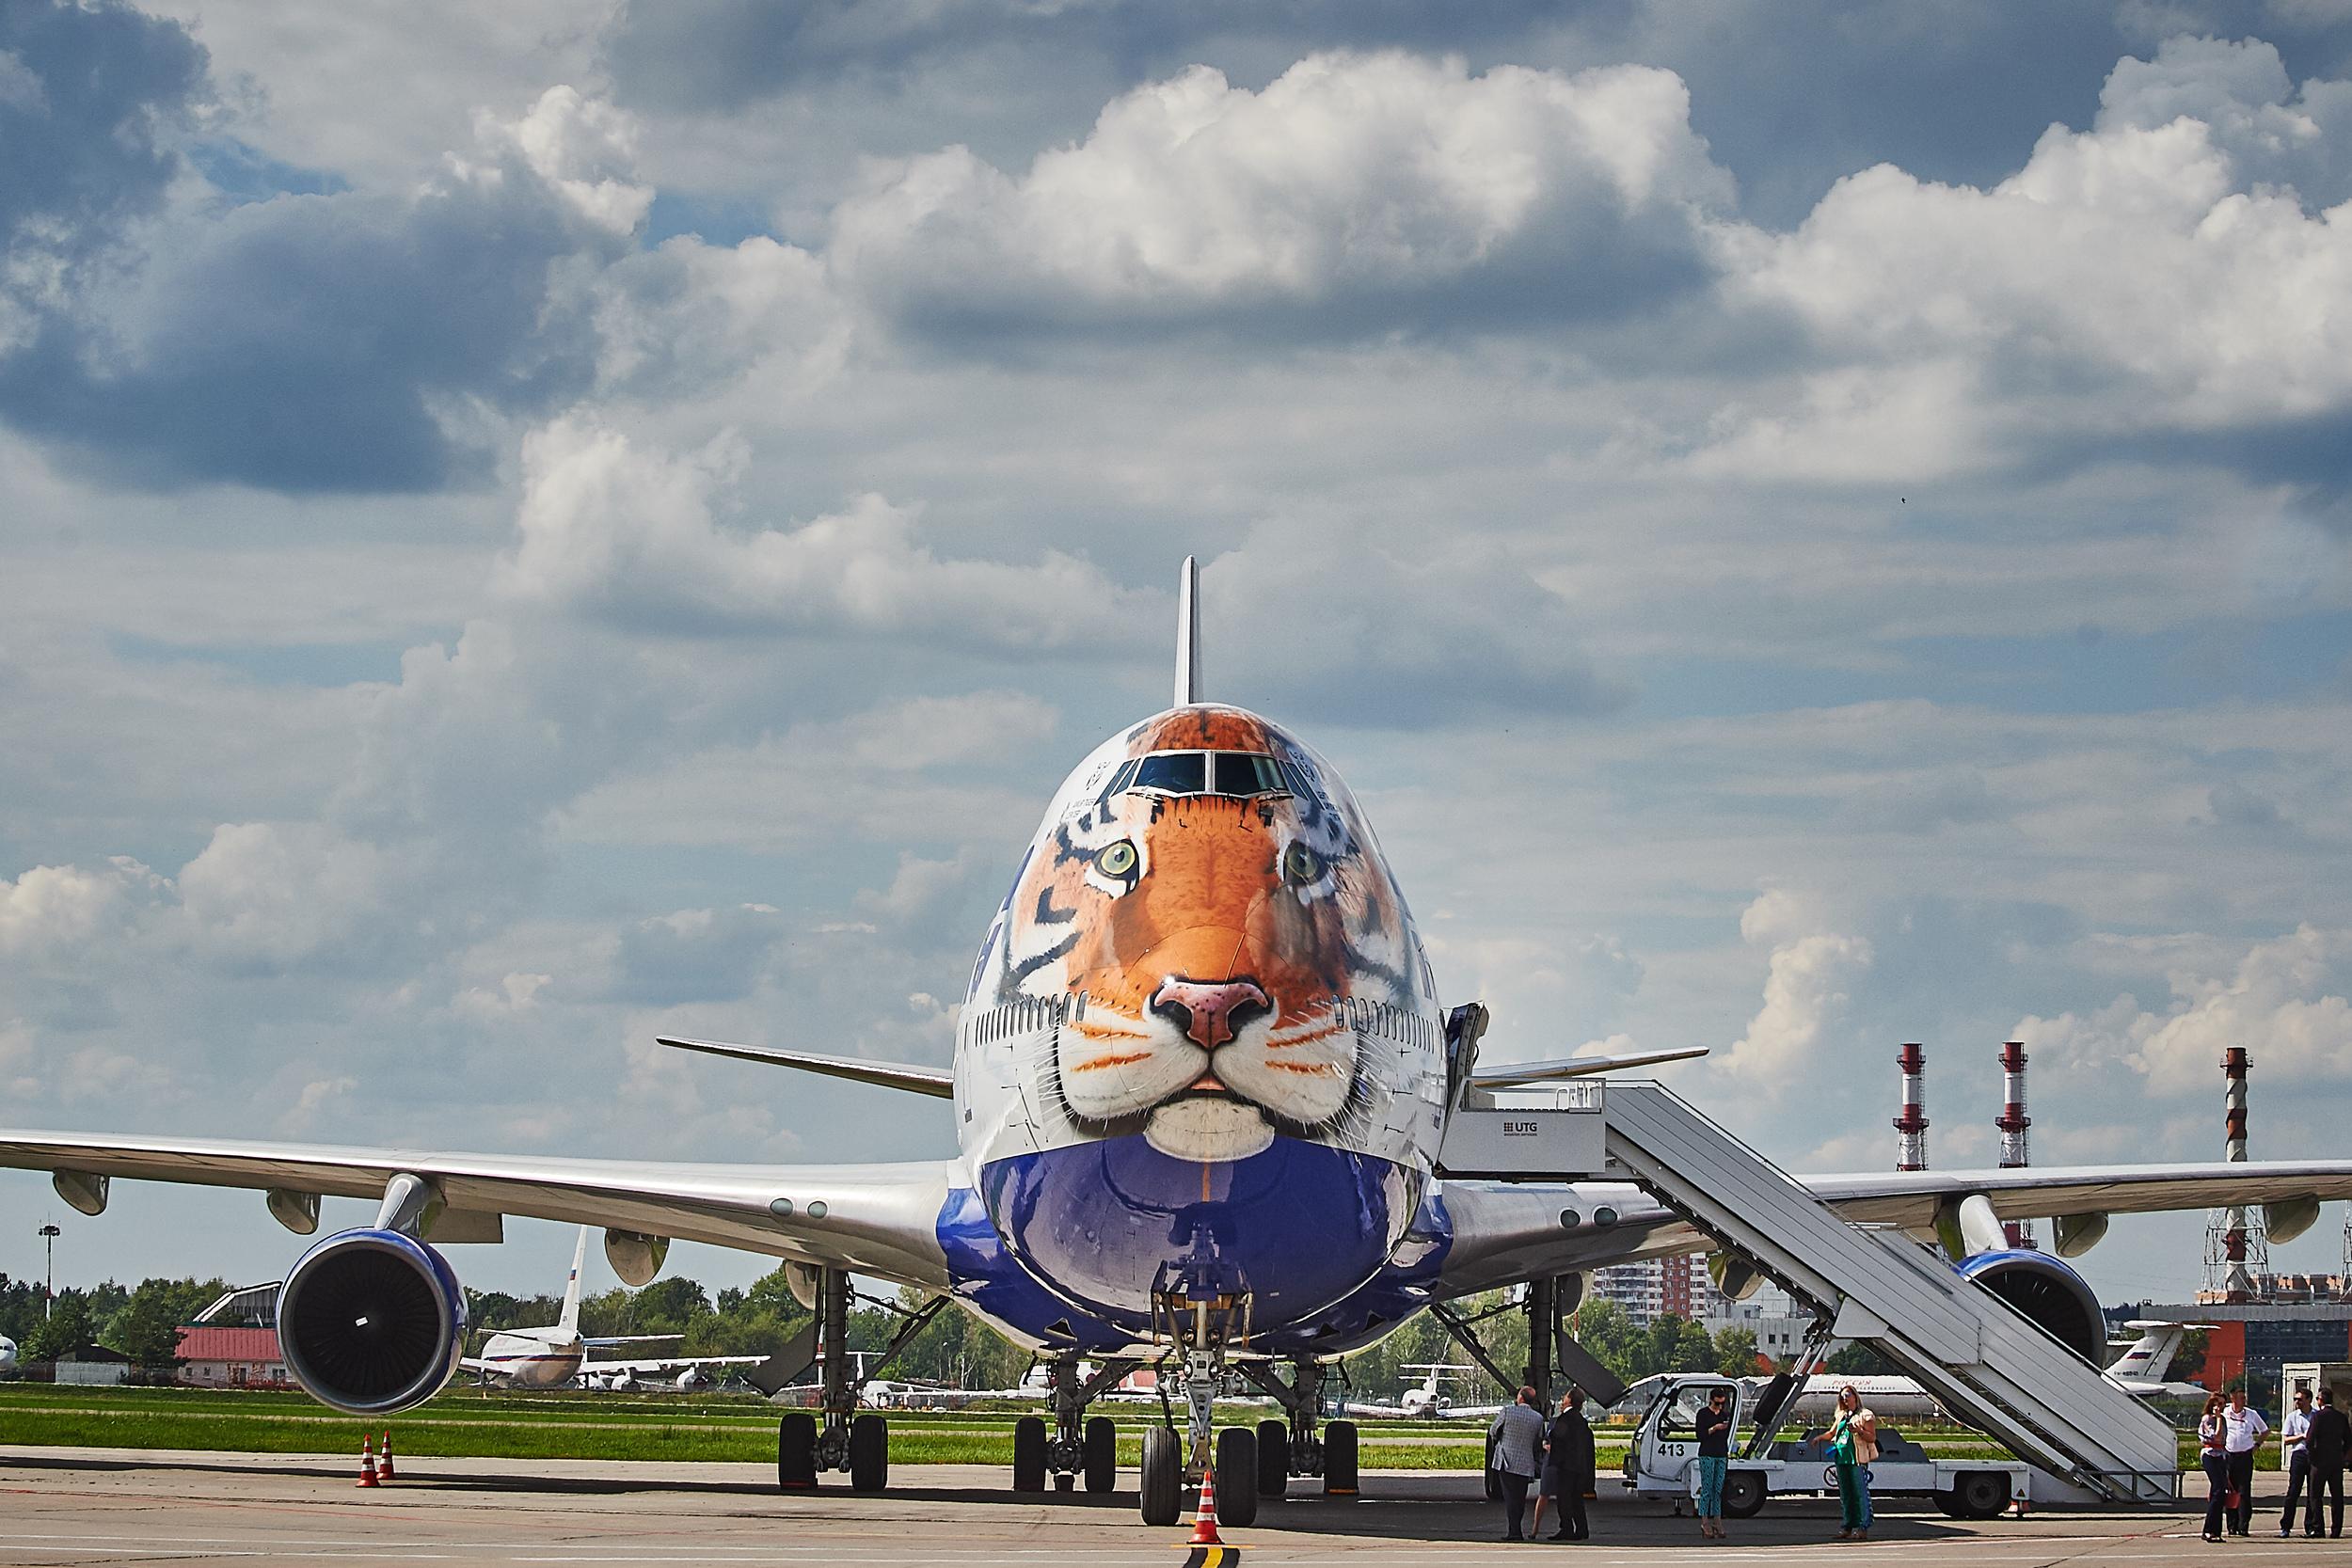 Transaero tiger jumbo aircraft